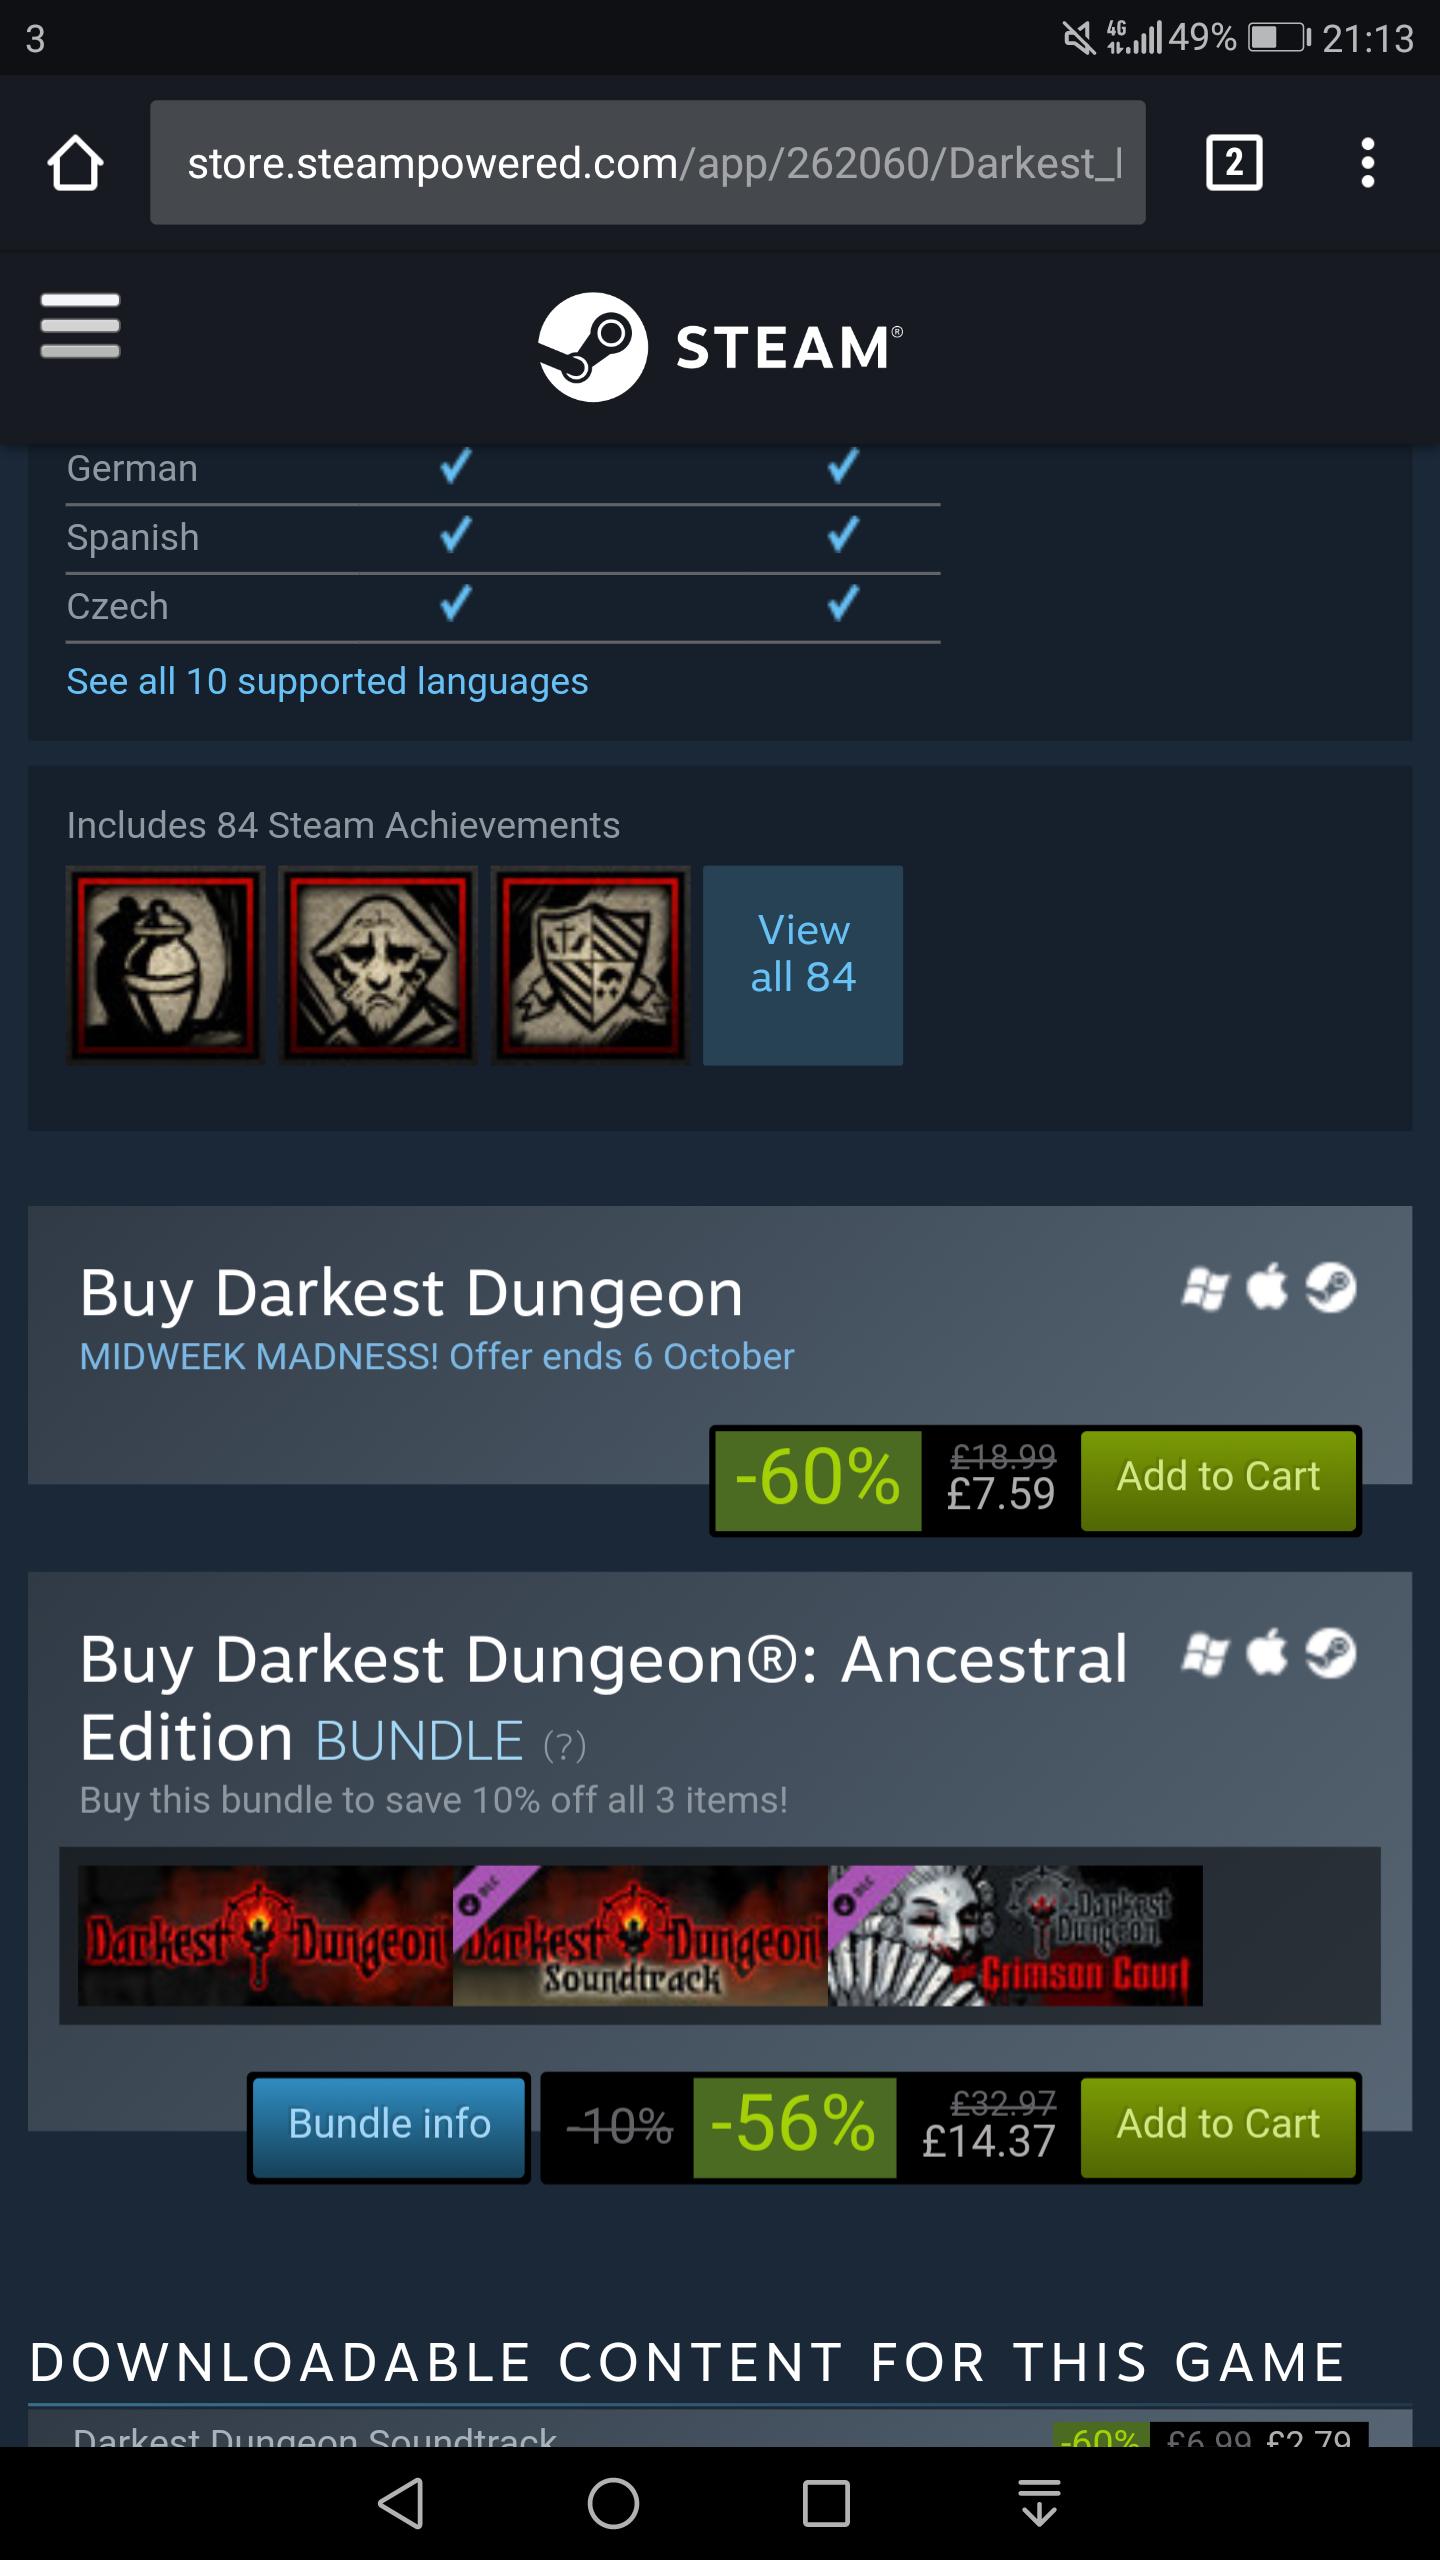 Darkest Dungeon - Steam Midweek Madness - 60% Off - £7.59